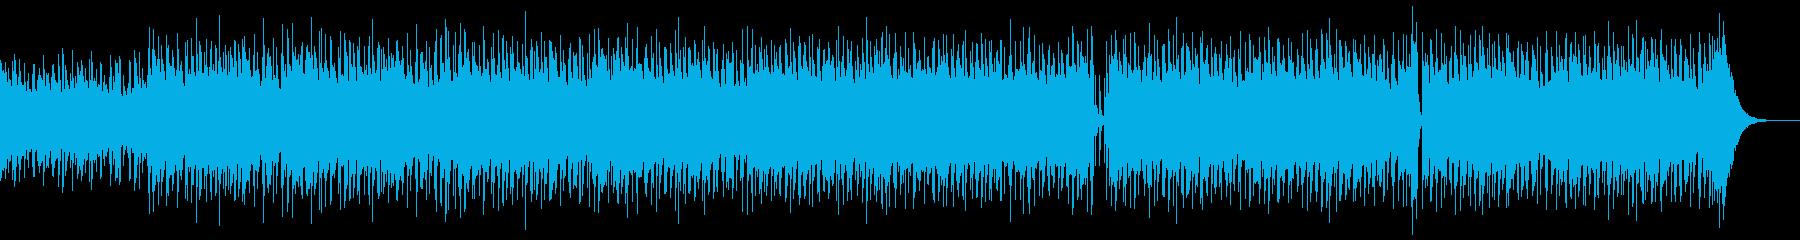 ウクレレ、夏、CMの再生済みの波形